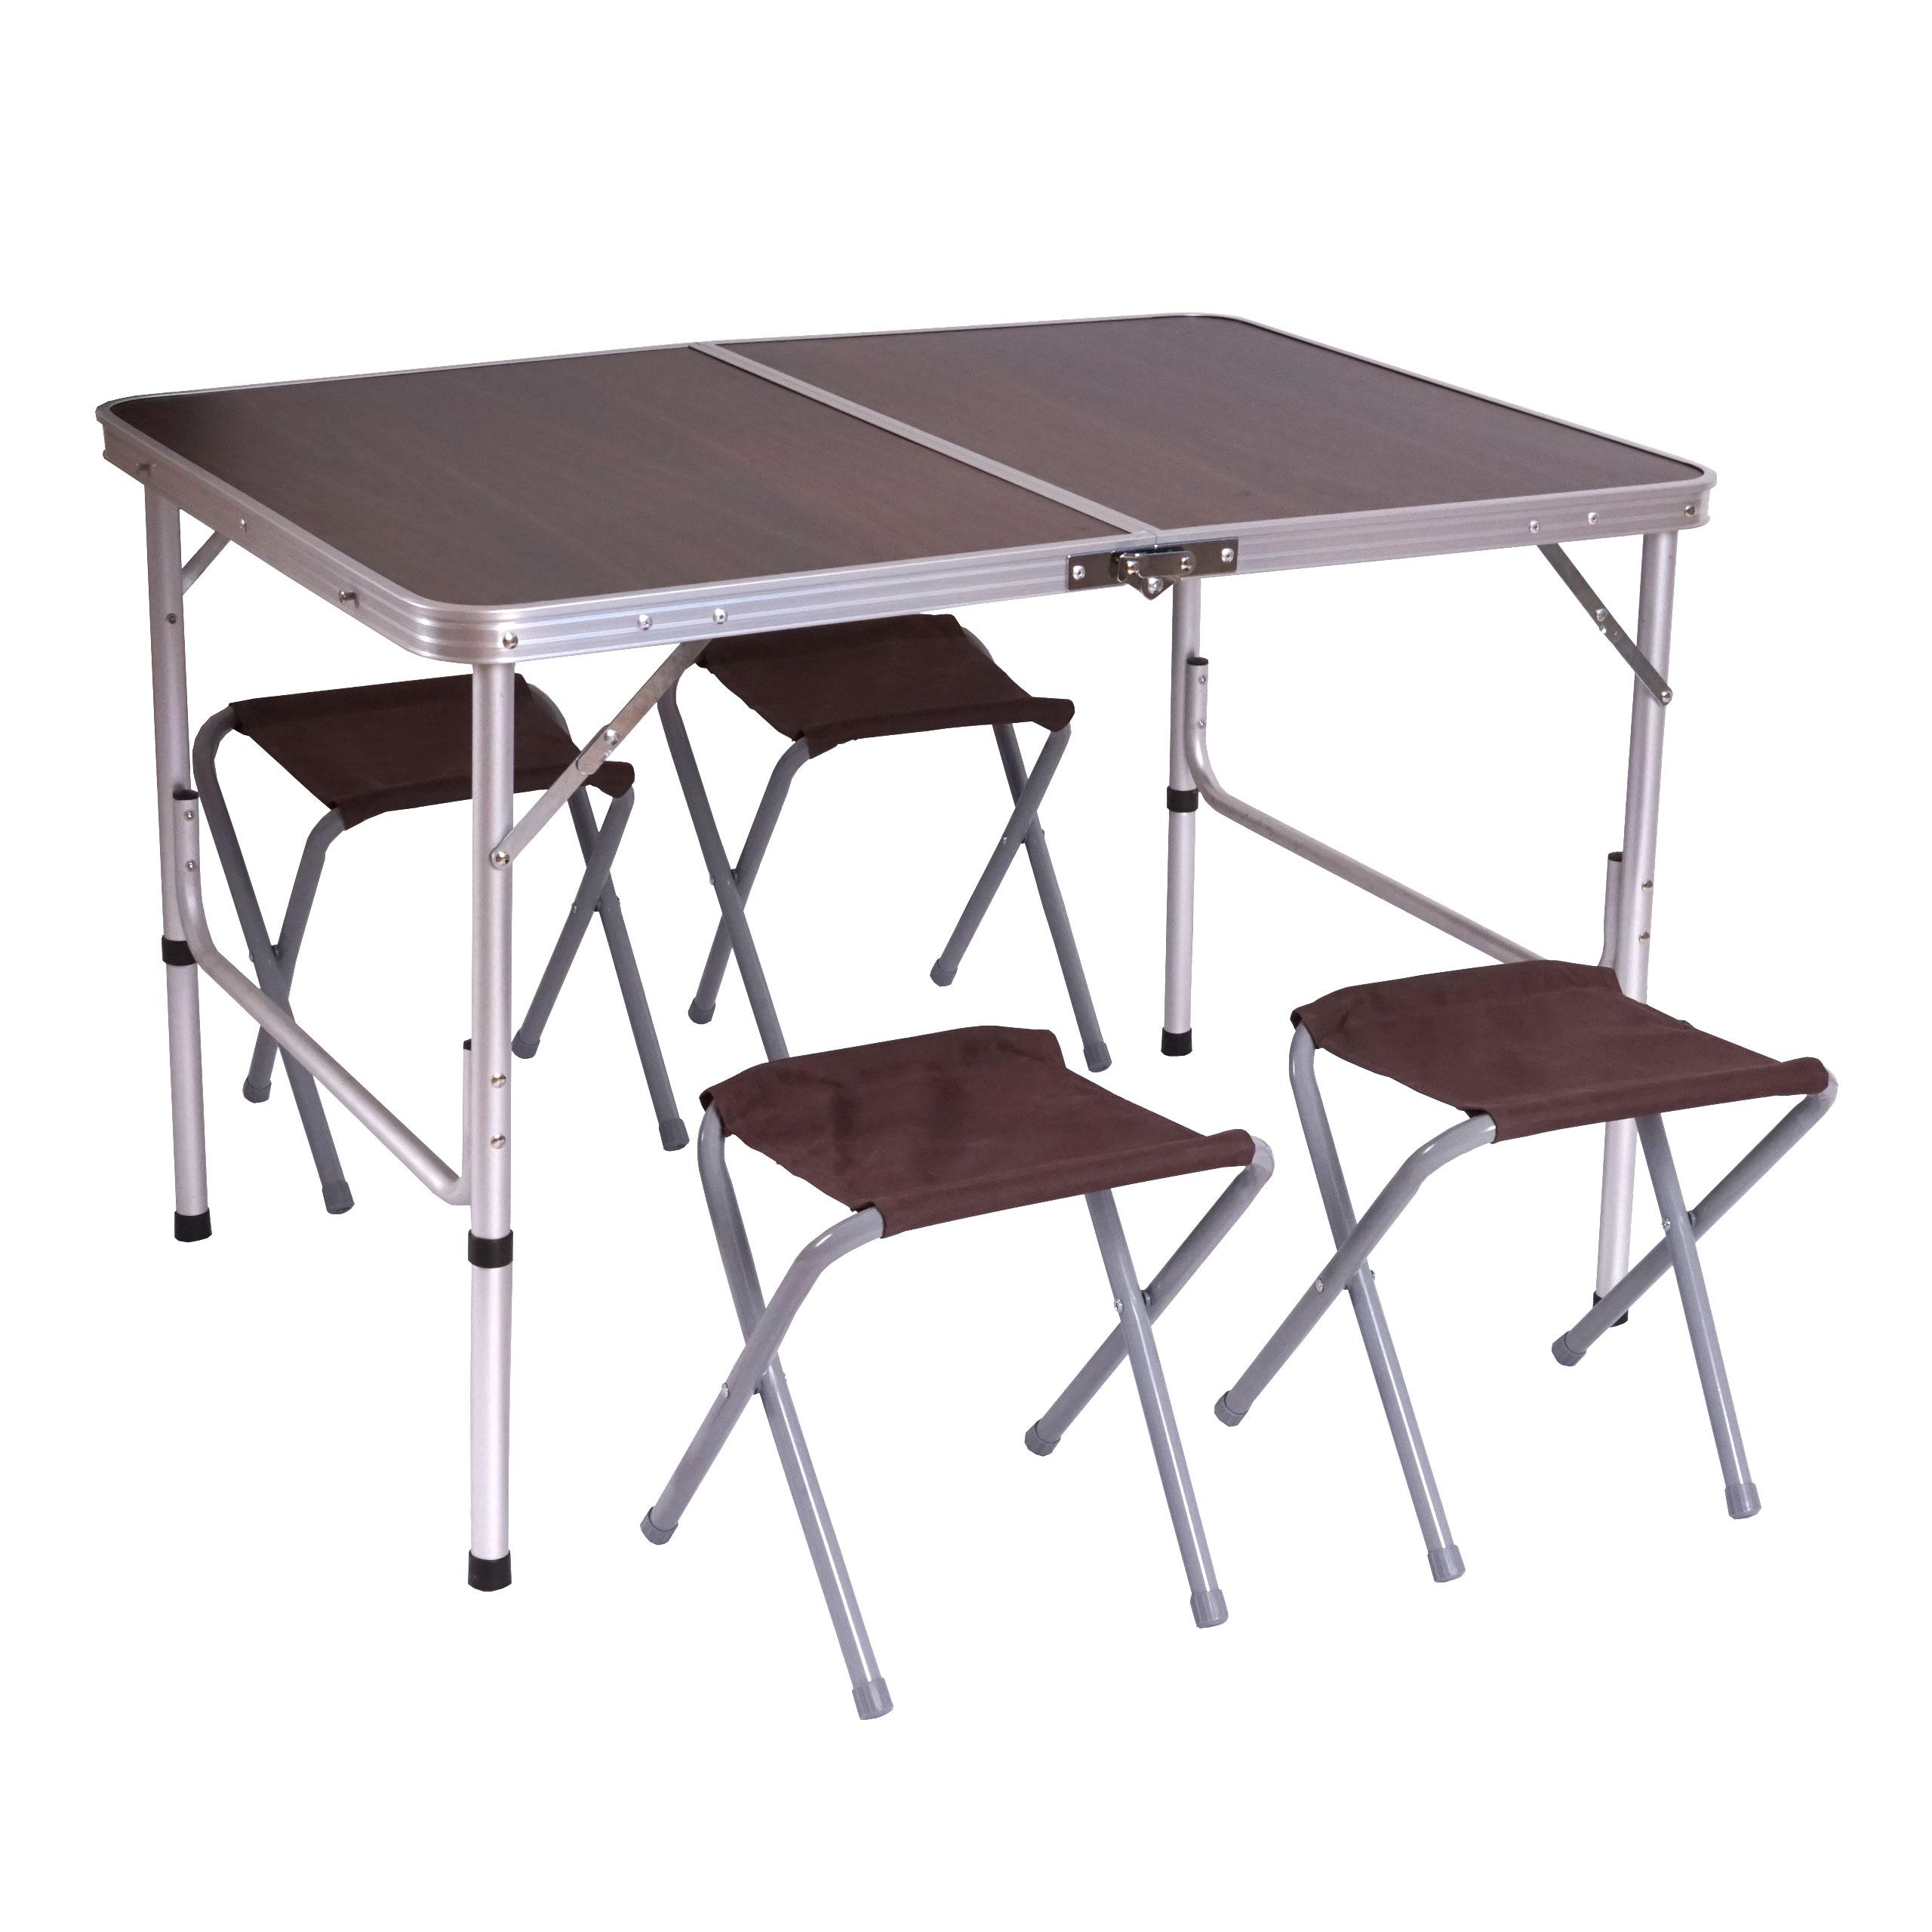 Moderne-Wohnideen: Stühle, Tische, Liegen, Sessel, Barhocker zum ...